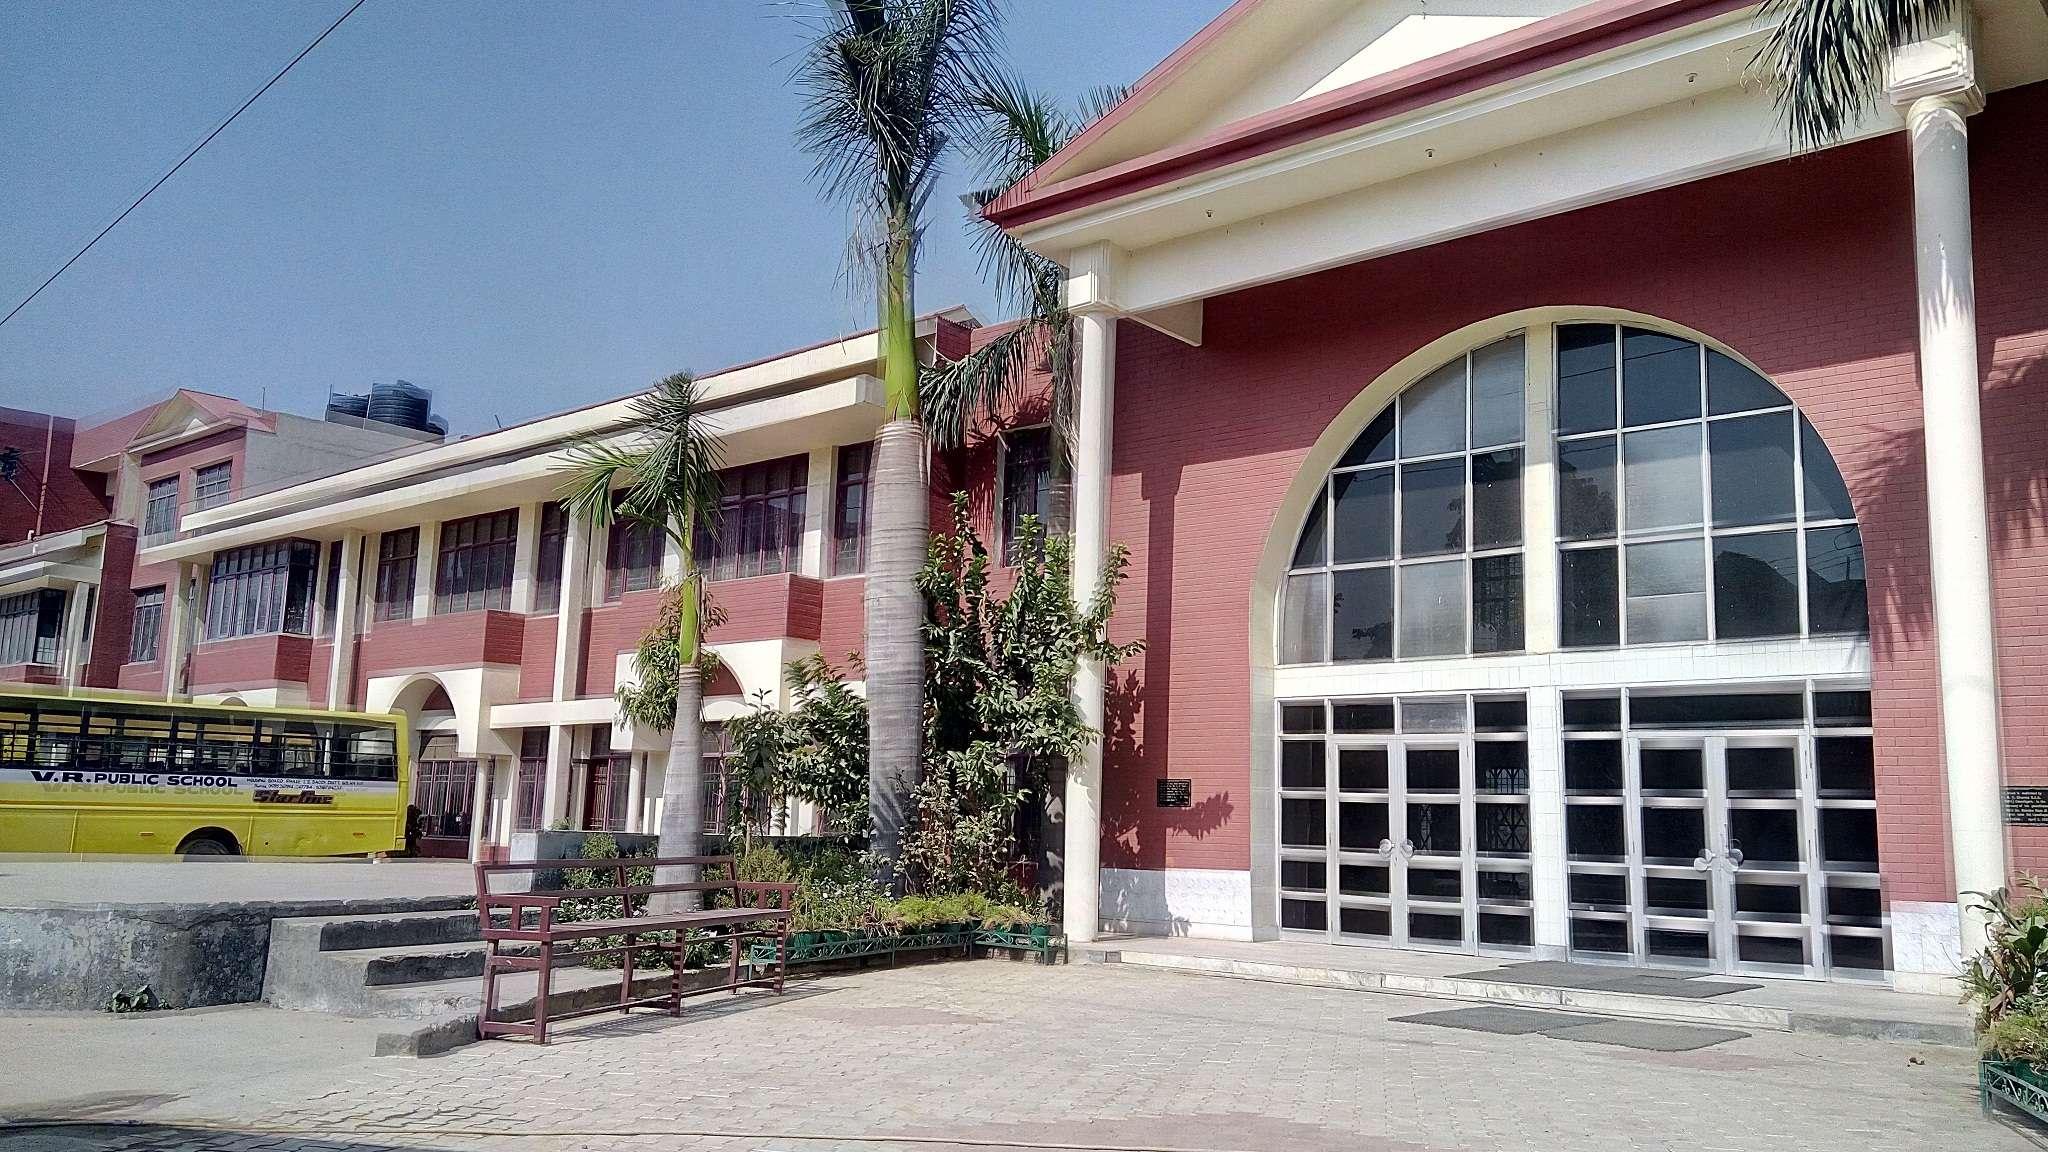 V R PUBLIC SCHOOL HOUSING BOARD BADDI HIMACHAL PRADESH 630077